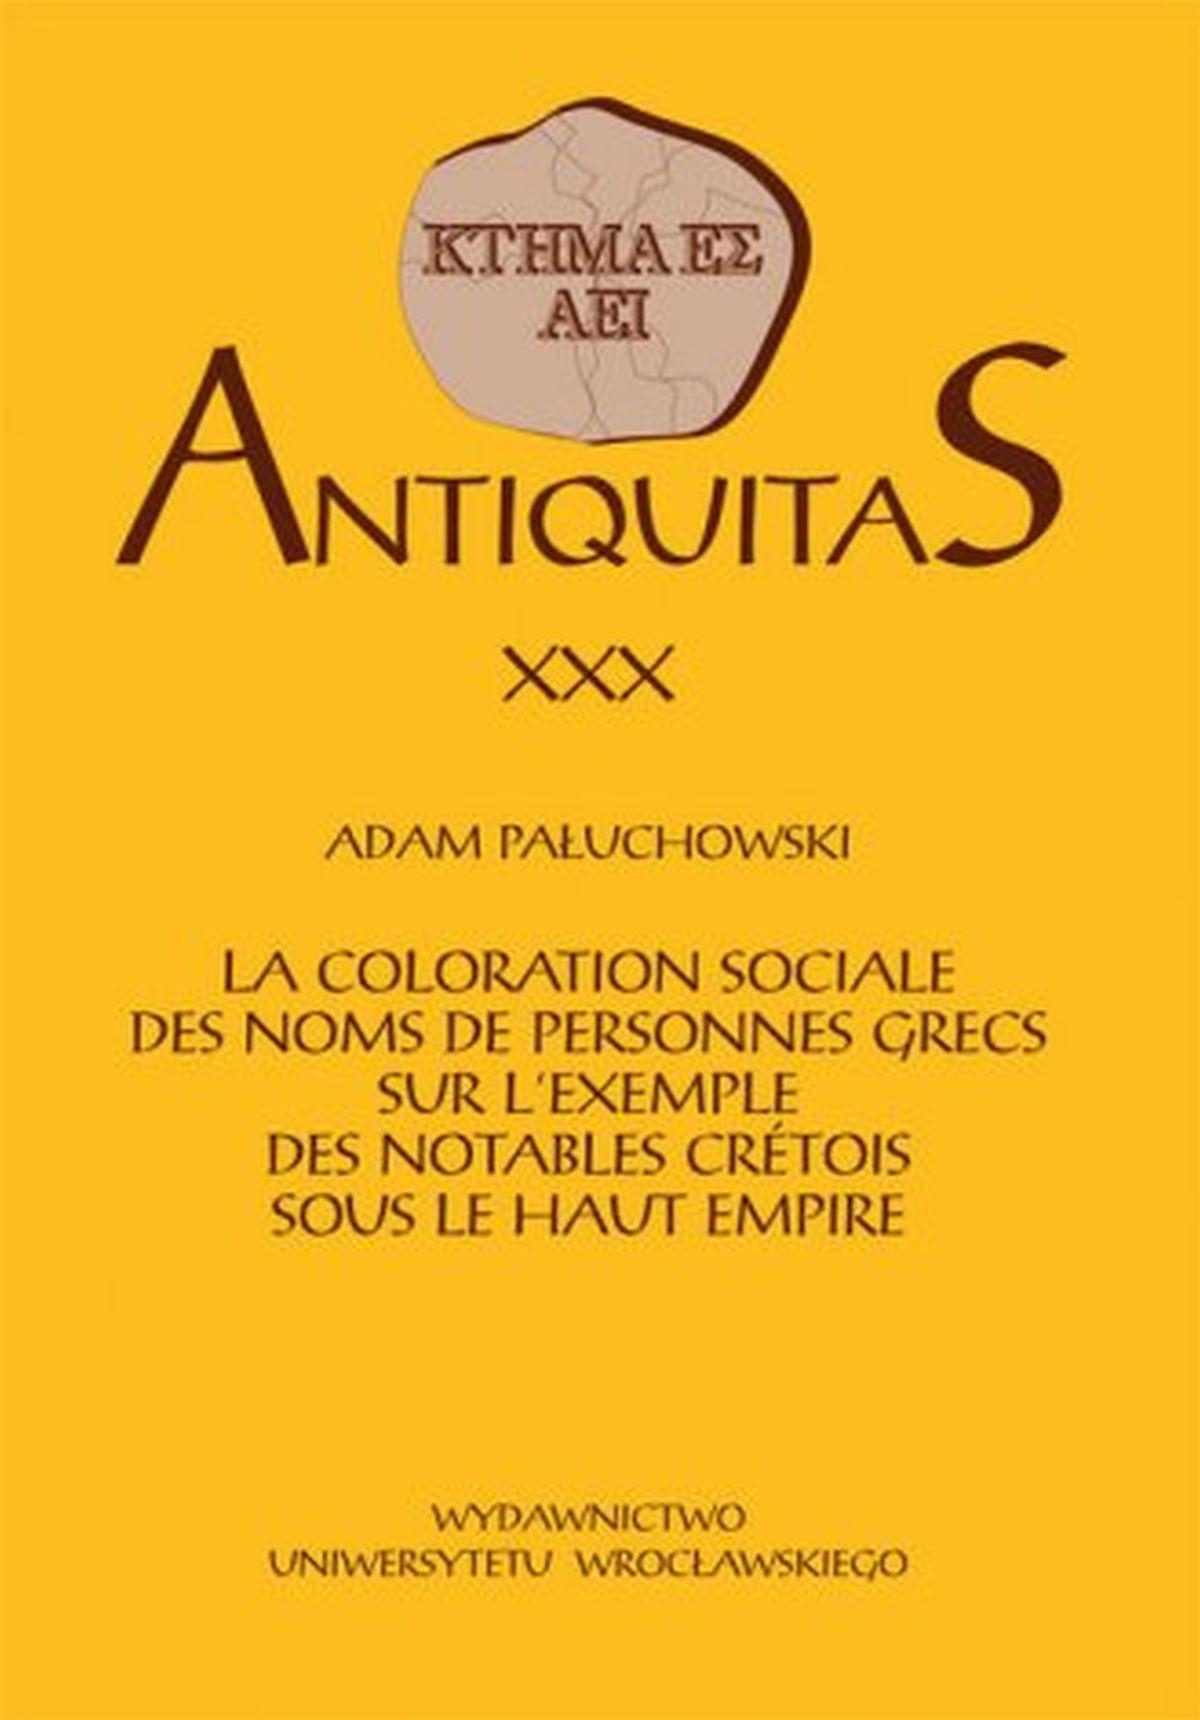 Antiquitas XXX. La coloration sociale des noms de personnes grecs sur l exemple des notables cretois sous le haut empire